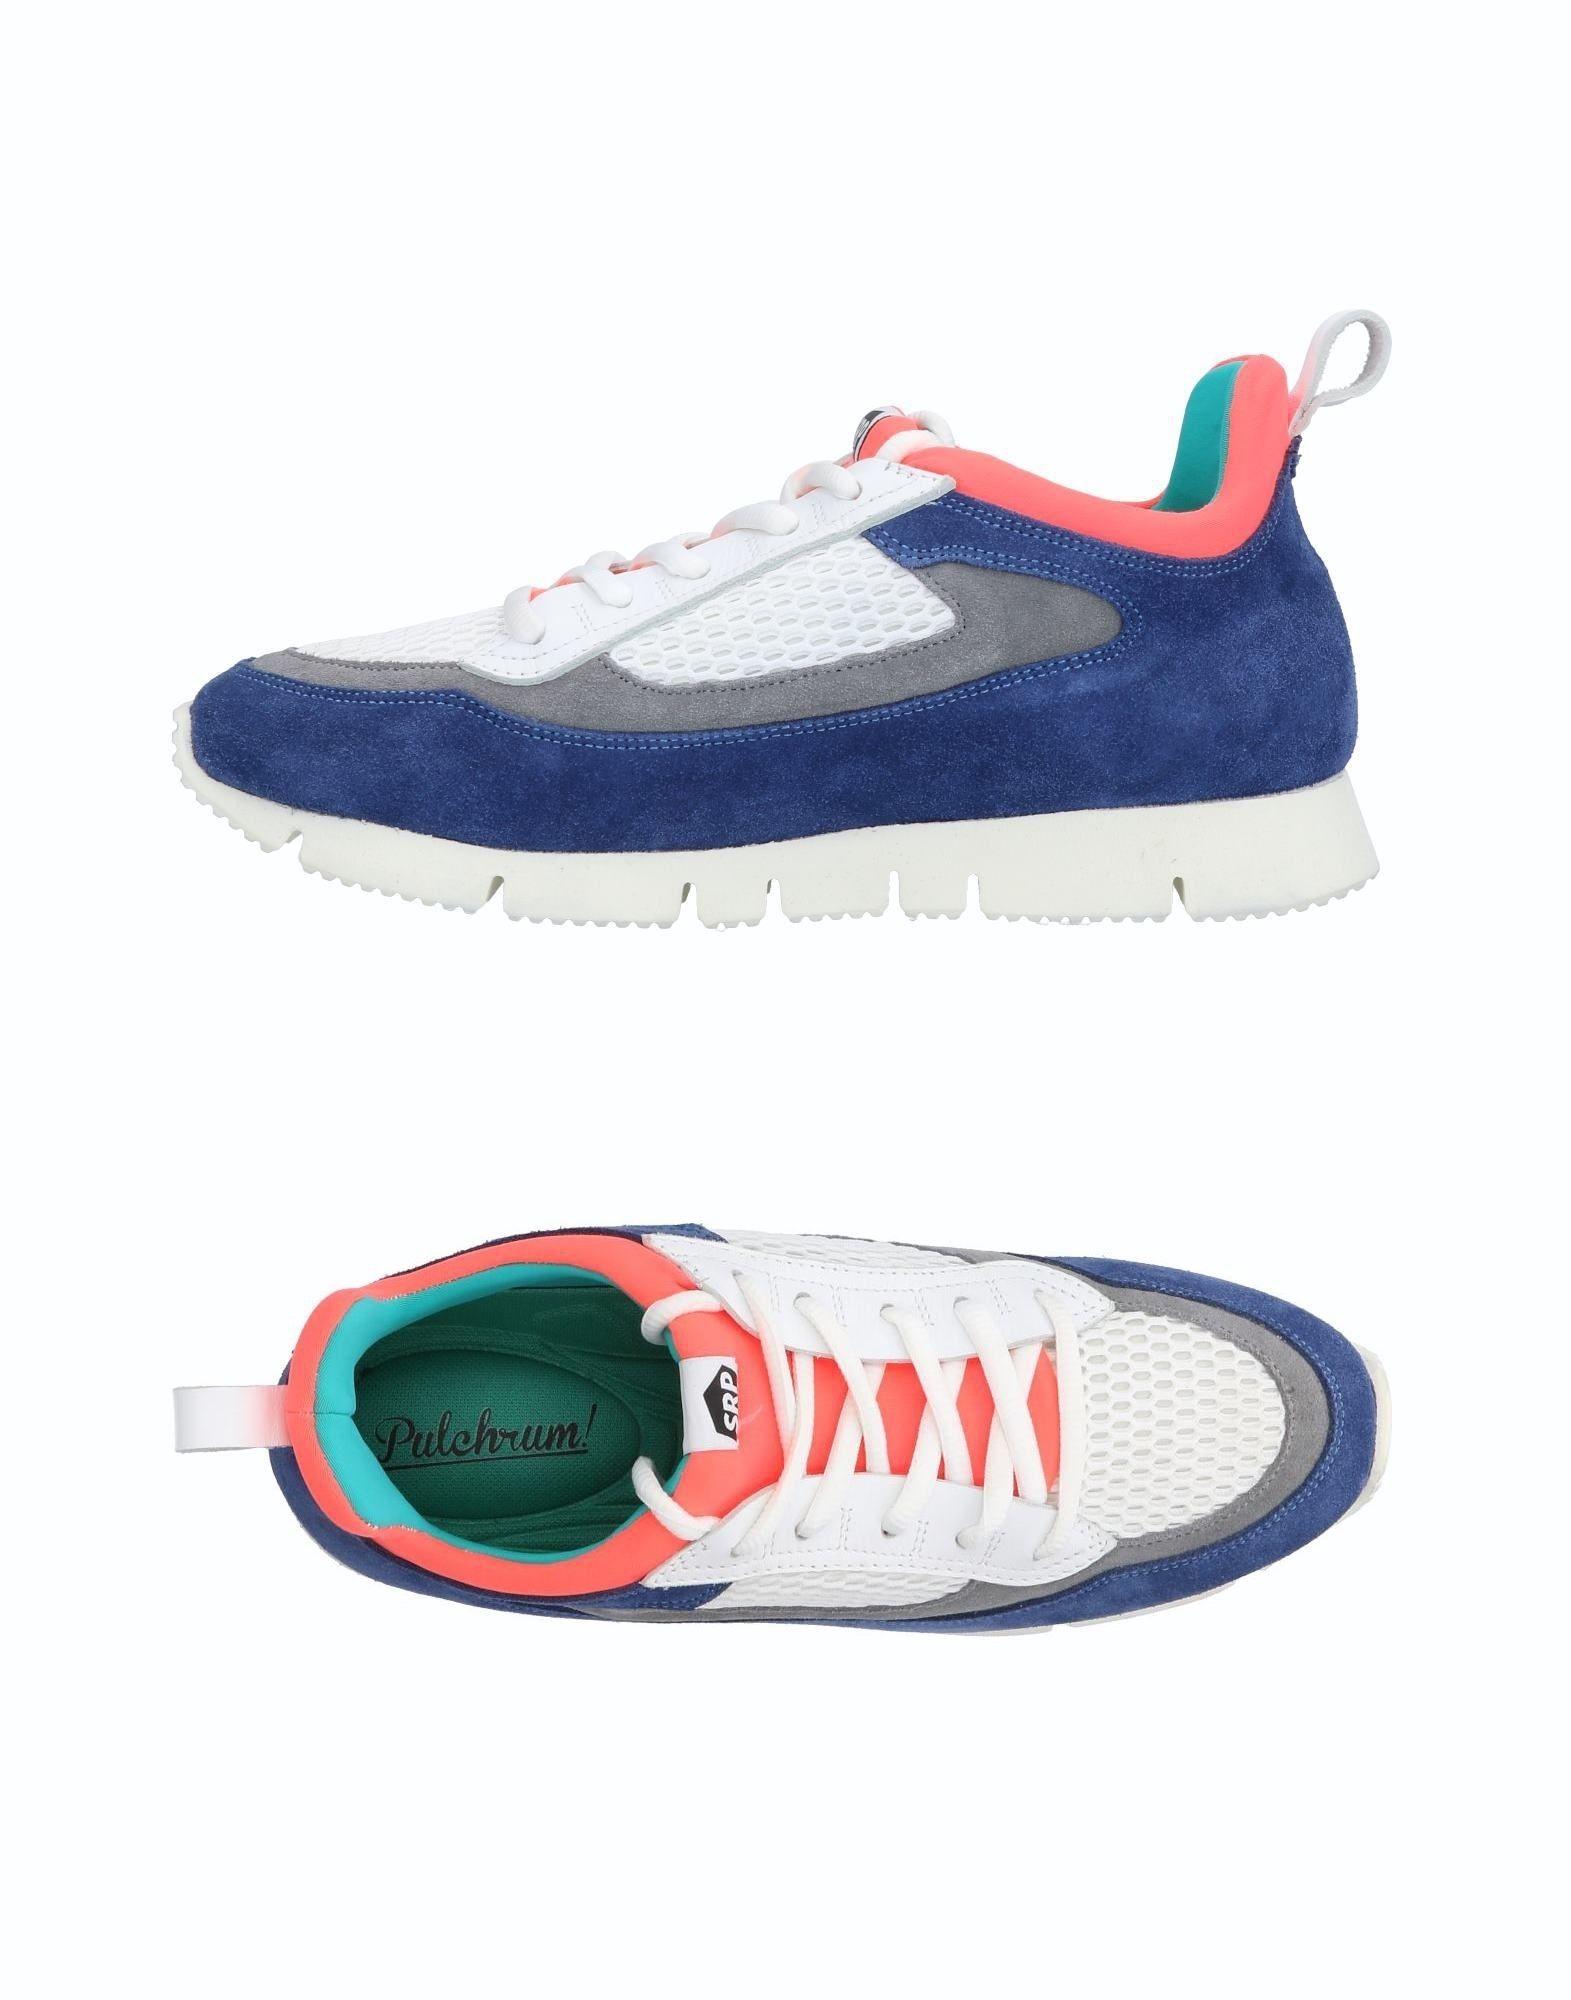 Rabatt echte  Schuhe Pulchrum! Sneakers Herren  echte 11501990HQ 8e3c77